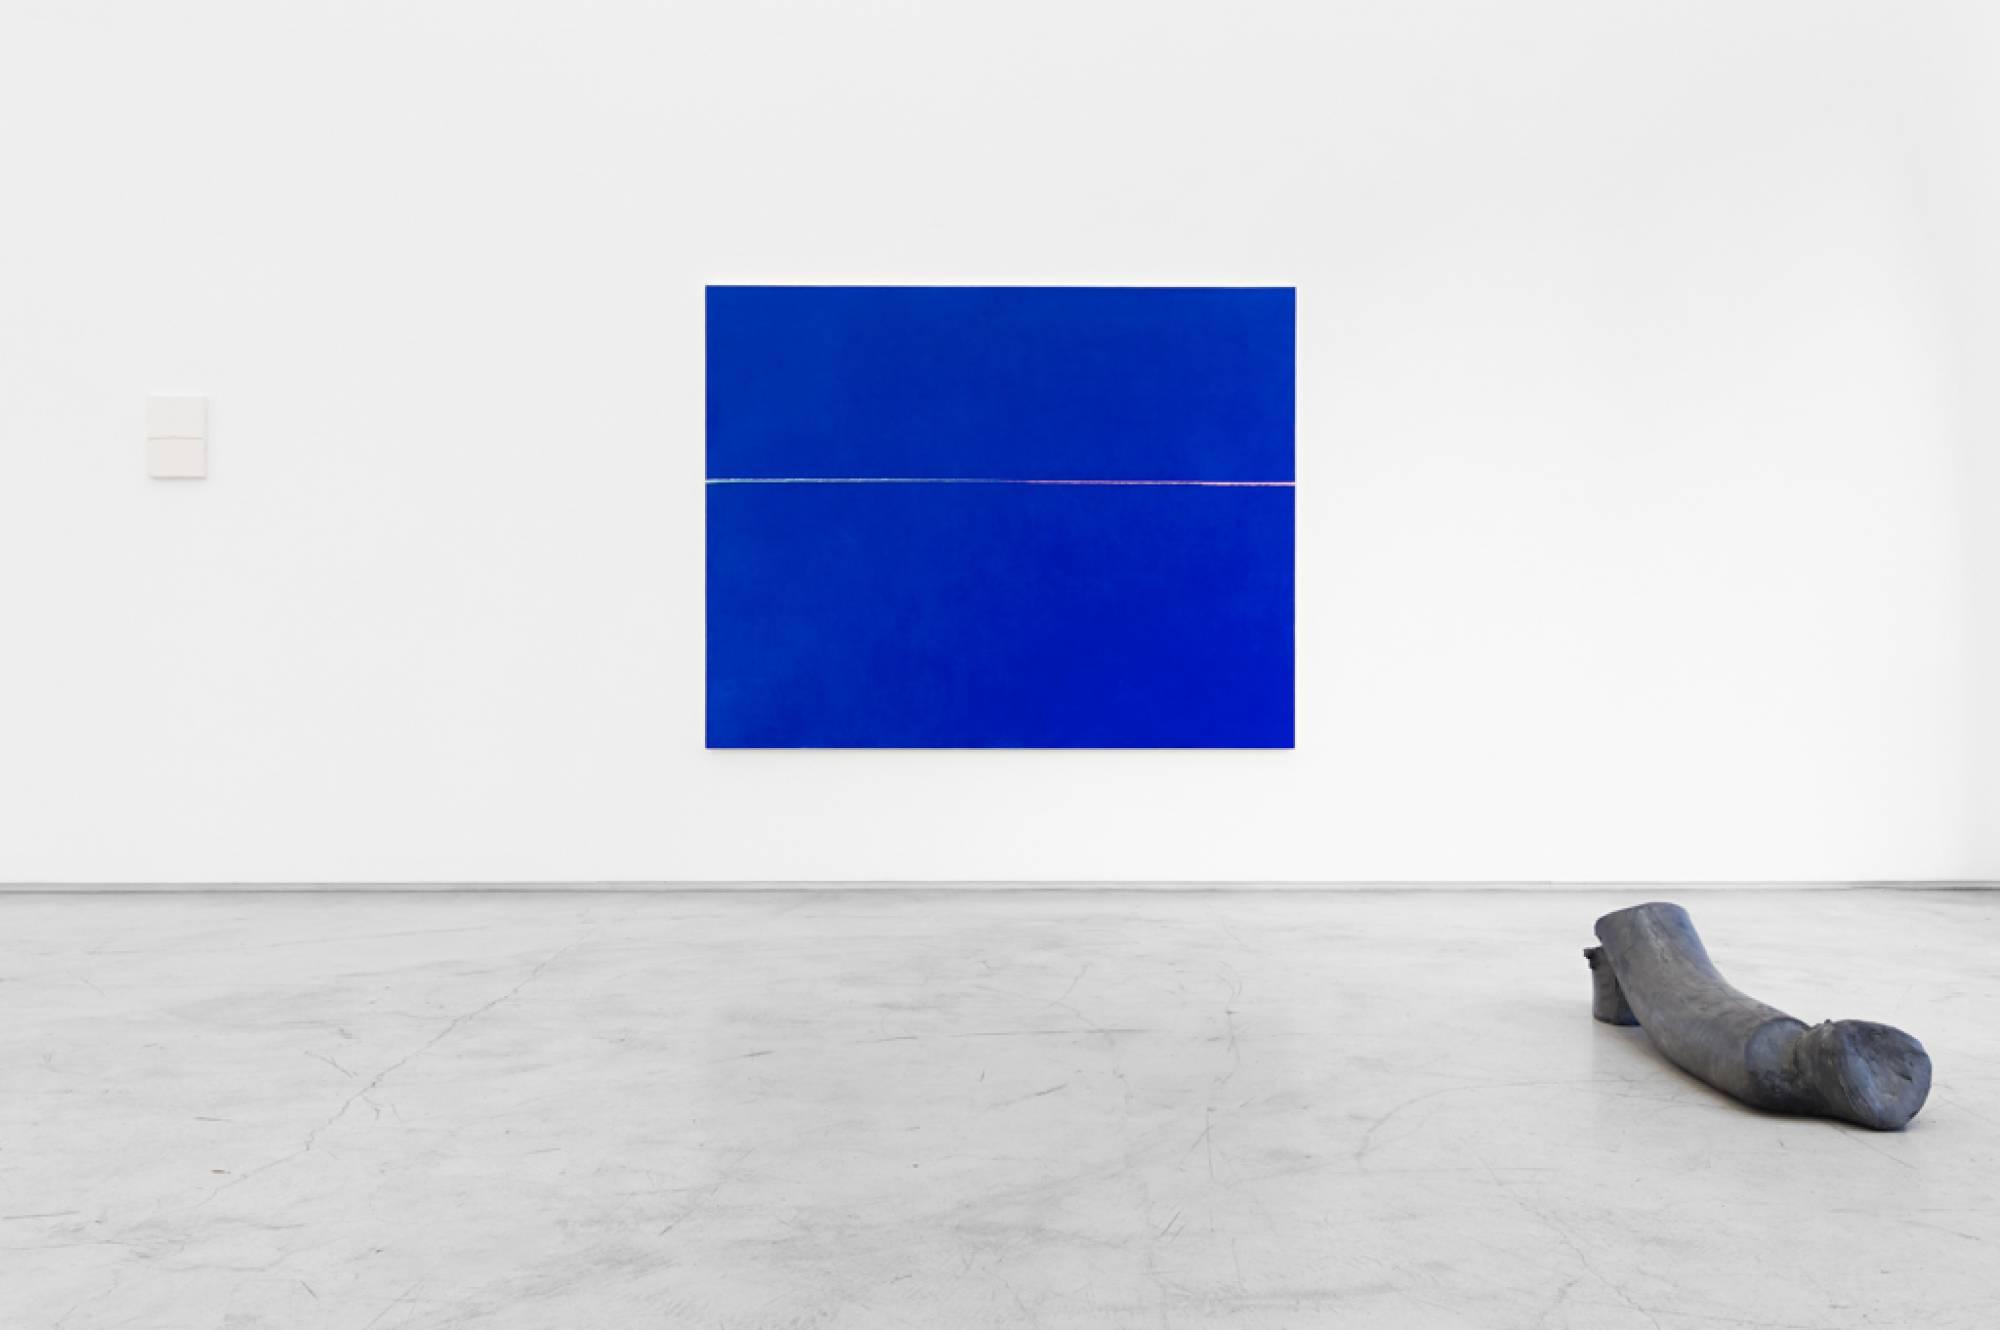 Paulo Monteiro,<em>The inside of distance,</em>Mendes Wood DM São Paulo, 2015 - Mendes Wood DM